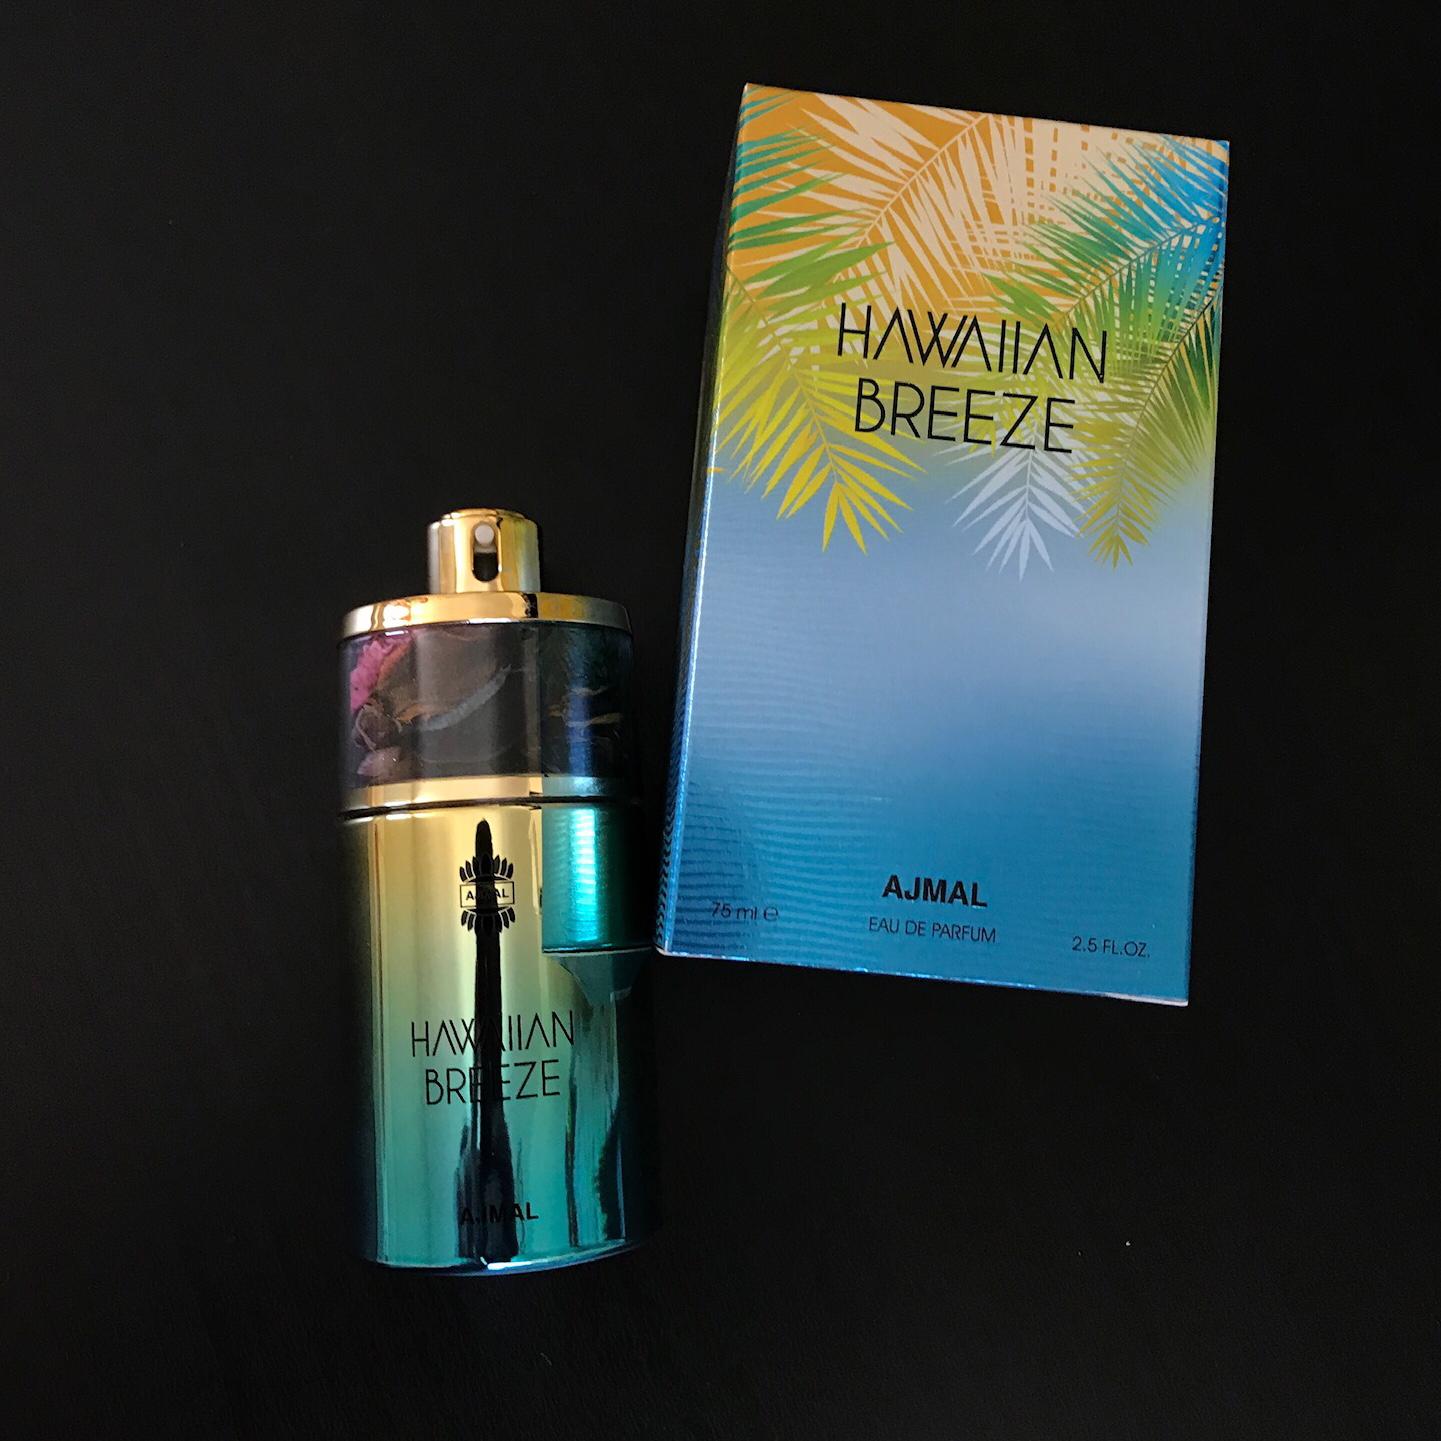 Ajmal - Hawaiian Breeze